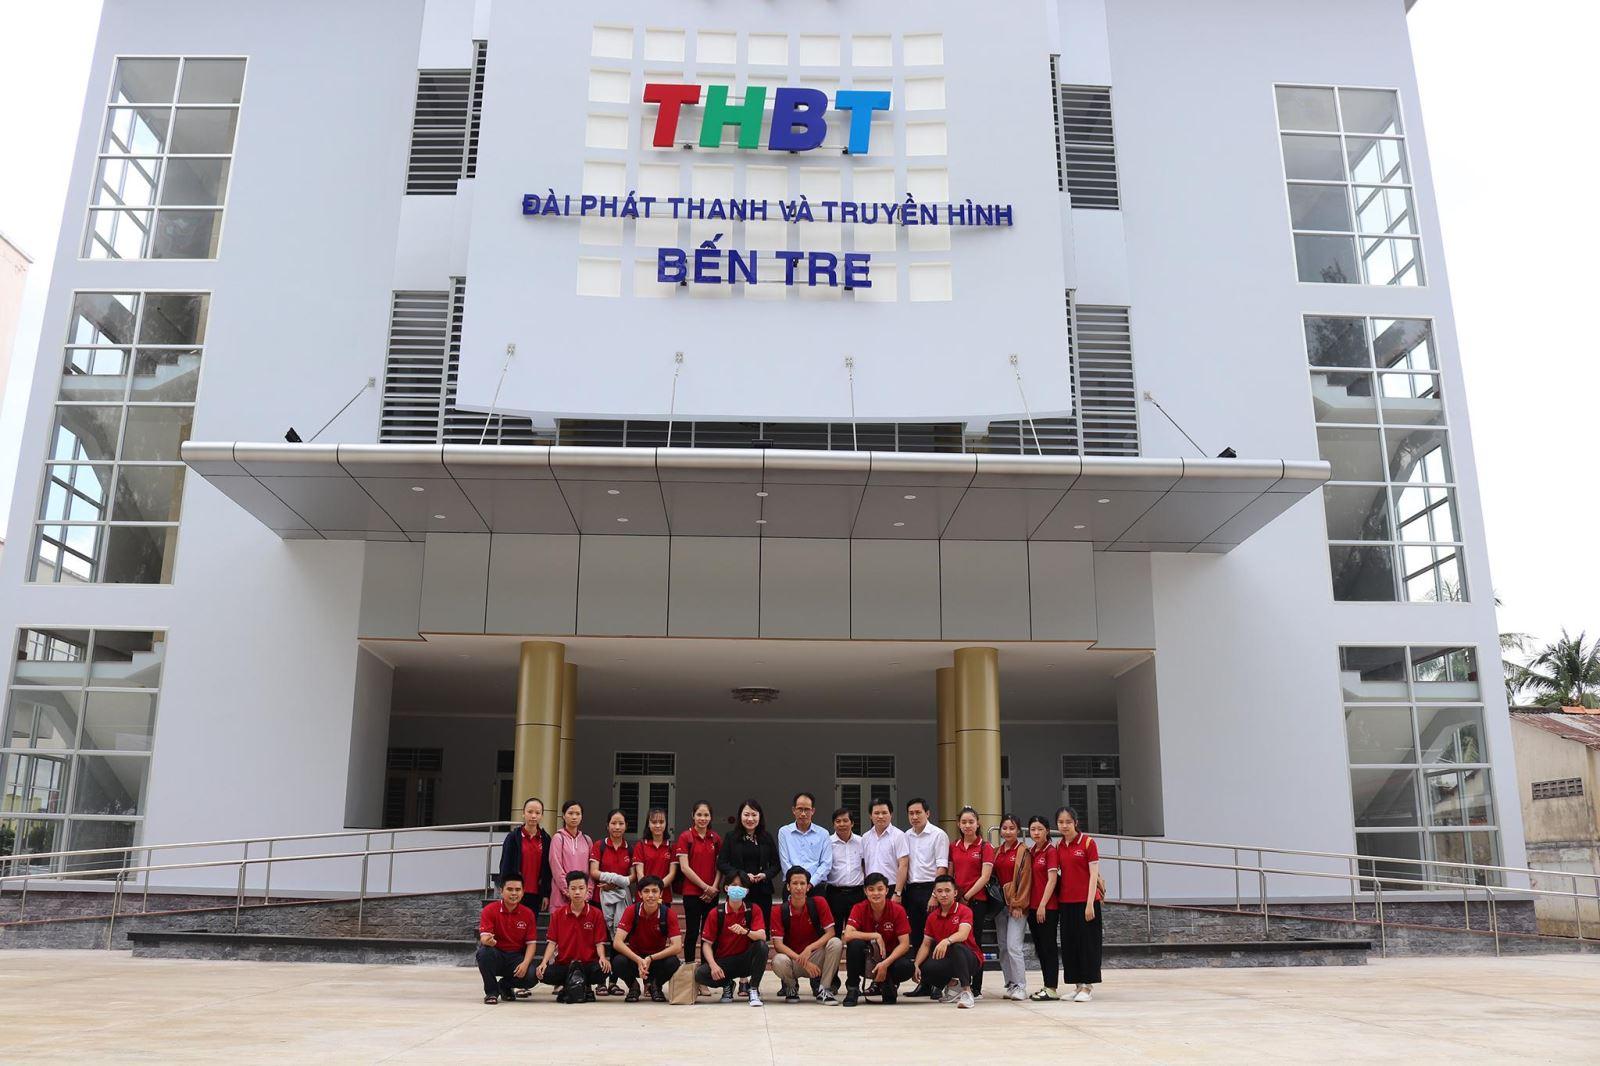 Sinh viên ngành Đô thị học tại Phân hiệu ĐHQG-HCM  tìm hiểu thực tế tại Đài phát thanh và truyền hình Bến Tre